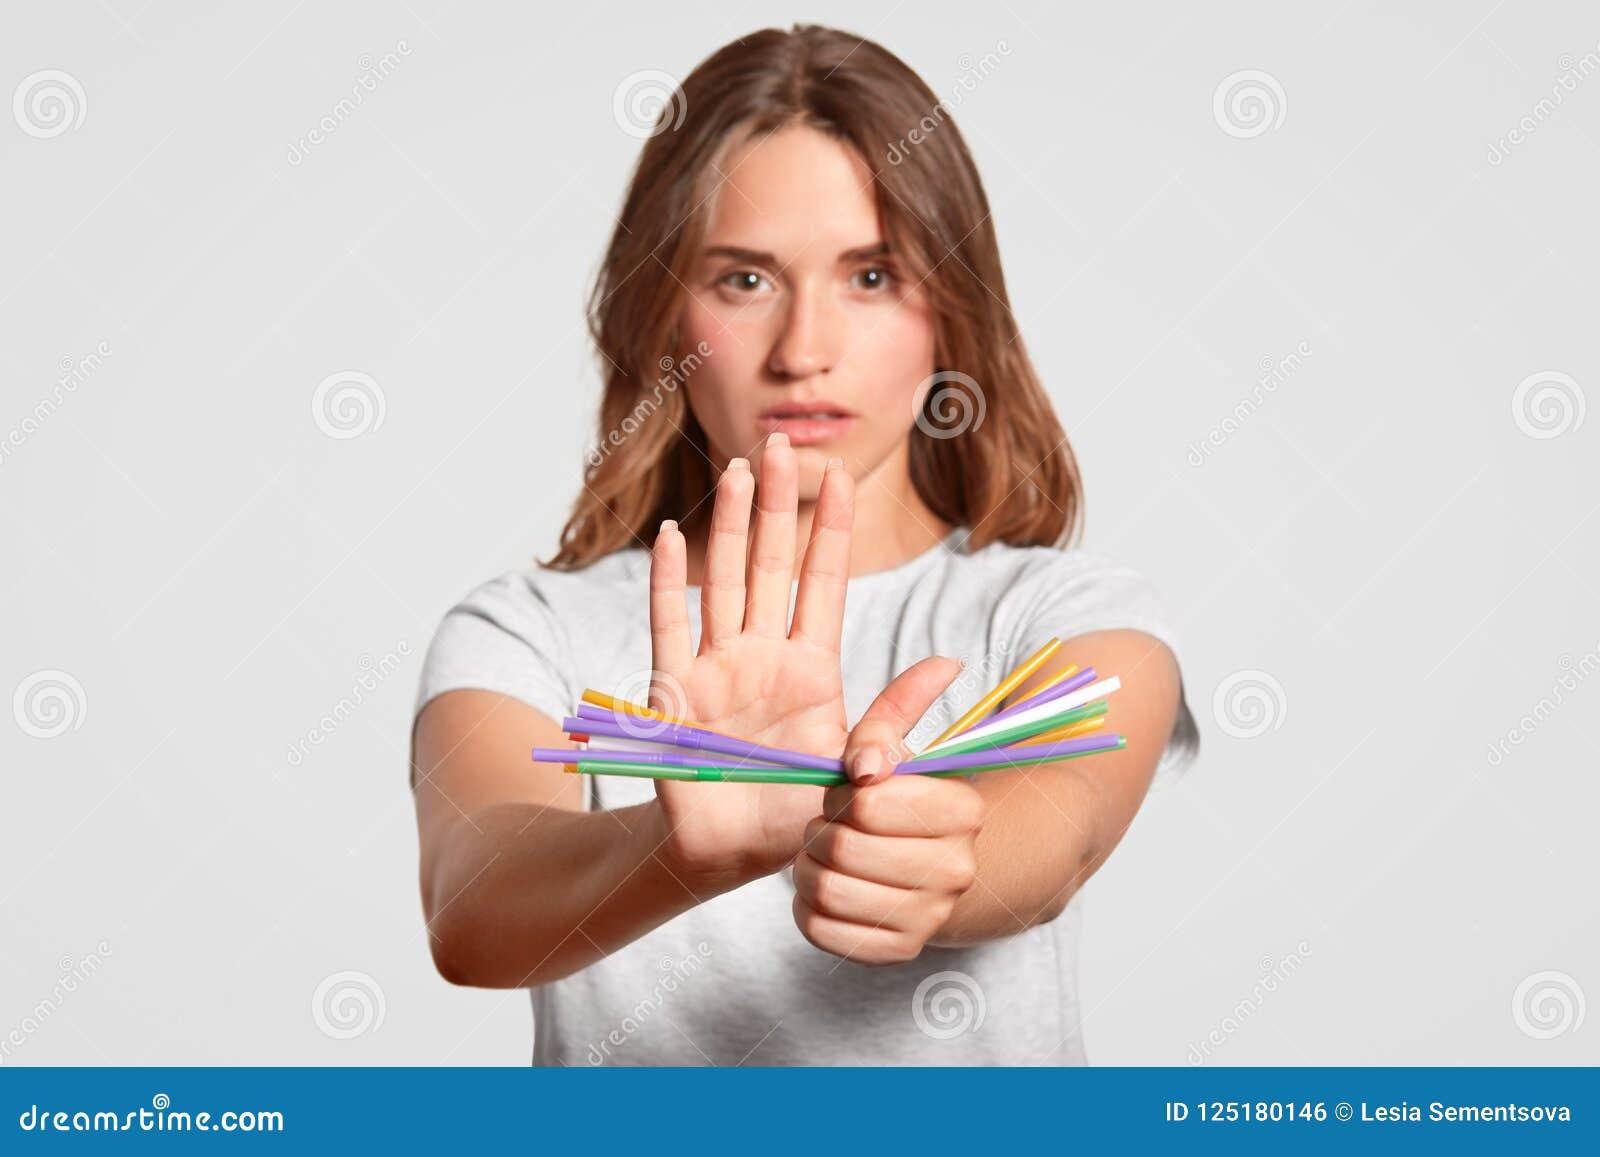 A mulher europeia com expressão séria, palhas plásticas das posses, diz não às palhas bebendo plásticas descartáveis em favor de